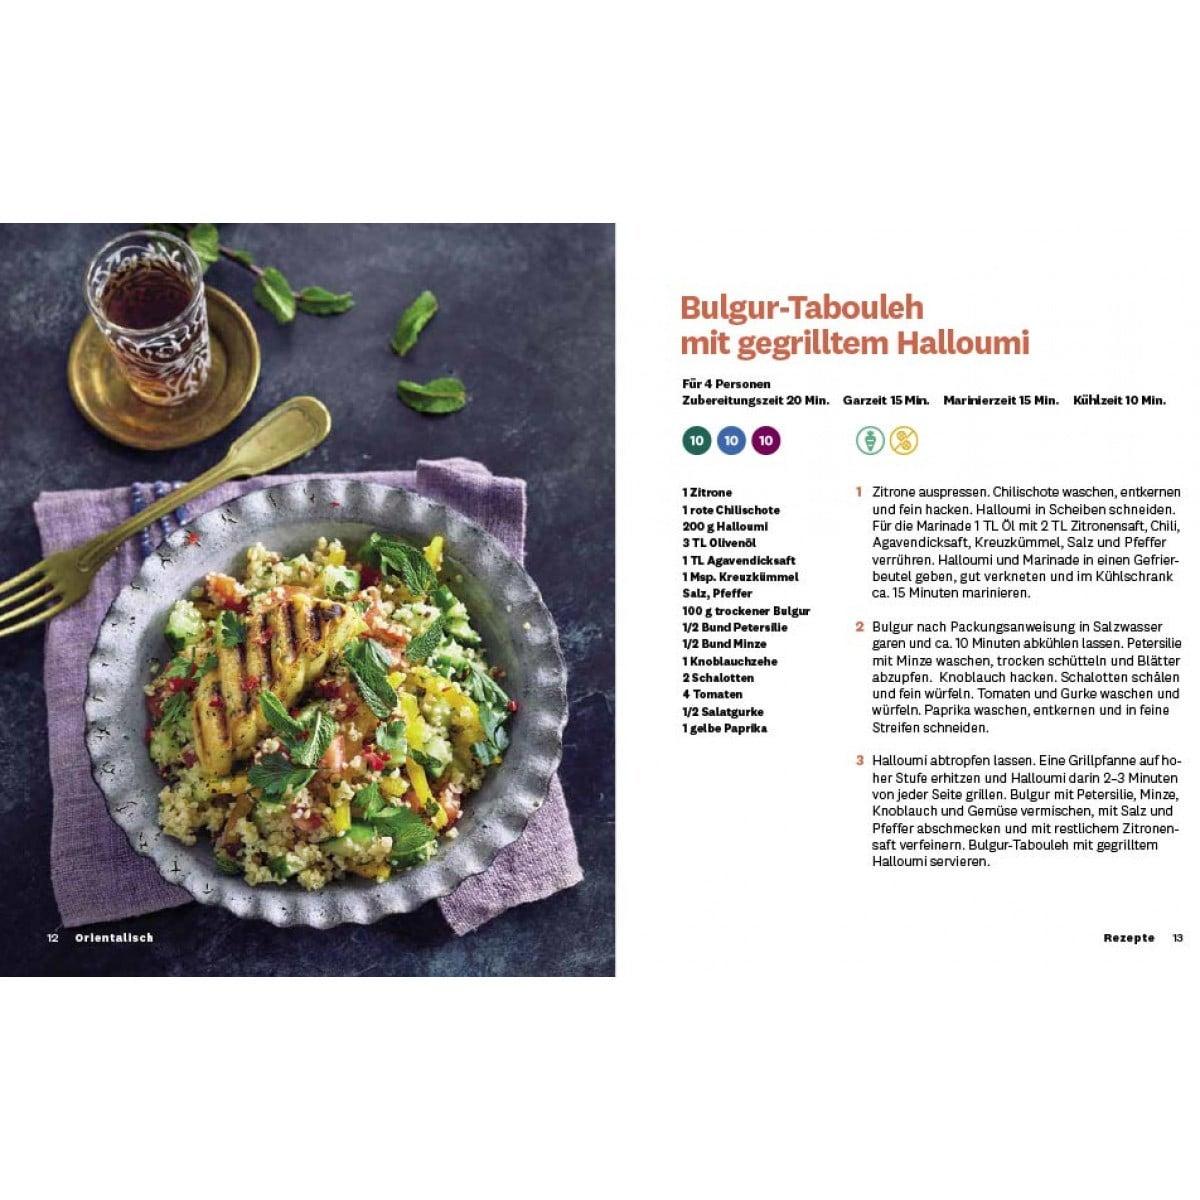 WW Kochbuch Orientalisch, #4 Länder-Edition (22 Rezepte) 4